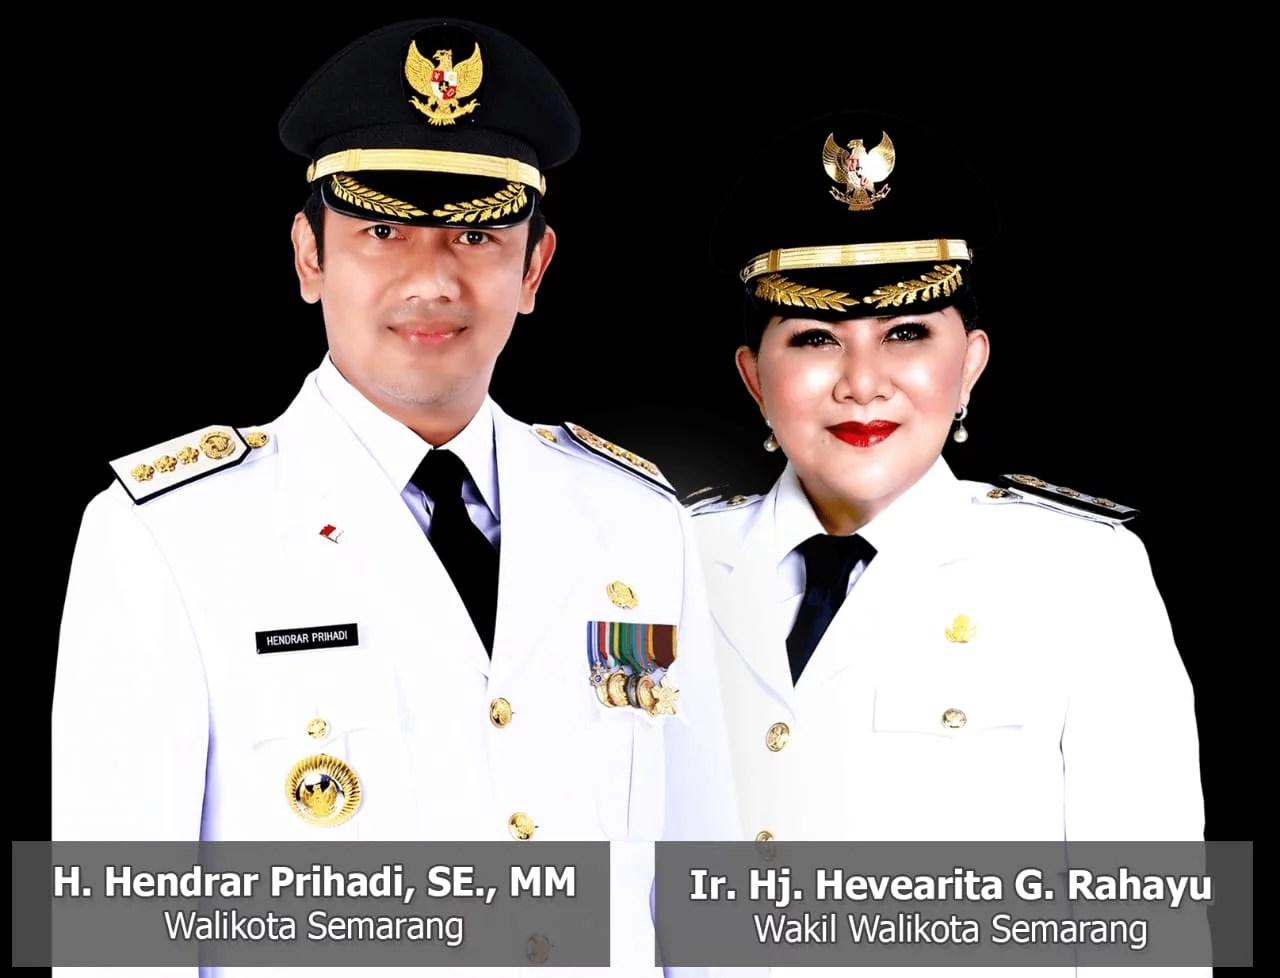 Kompak, Walikota dan Wakil Walikota Semarang Serahkan Gajinya untuk Atasi Covid-19